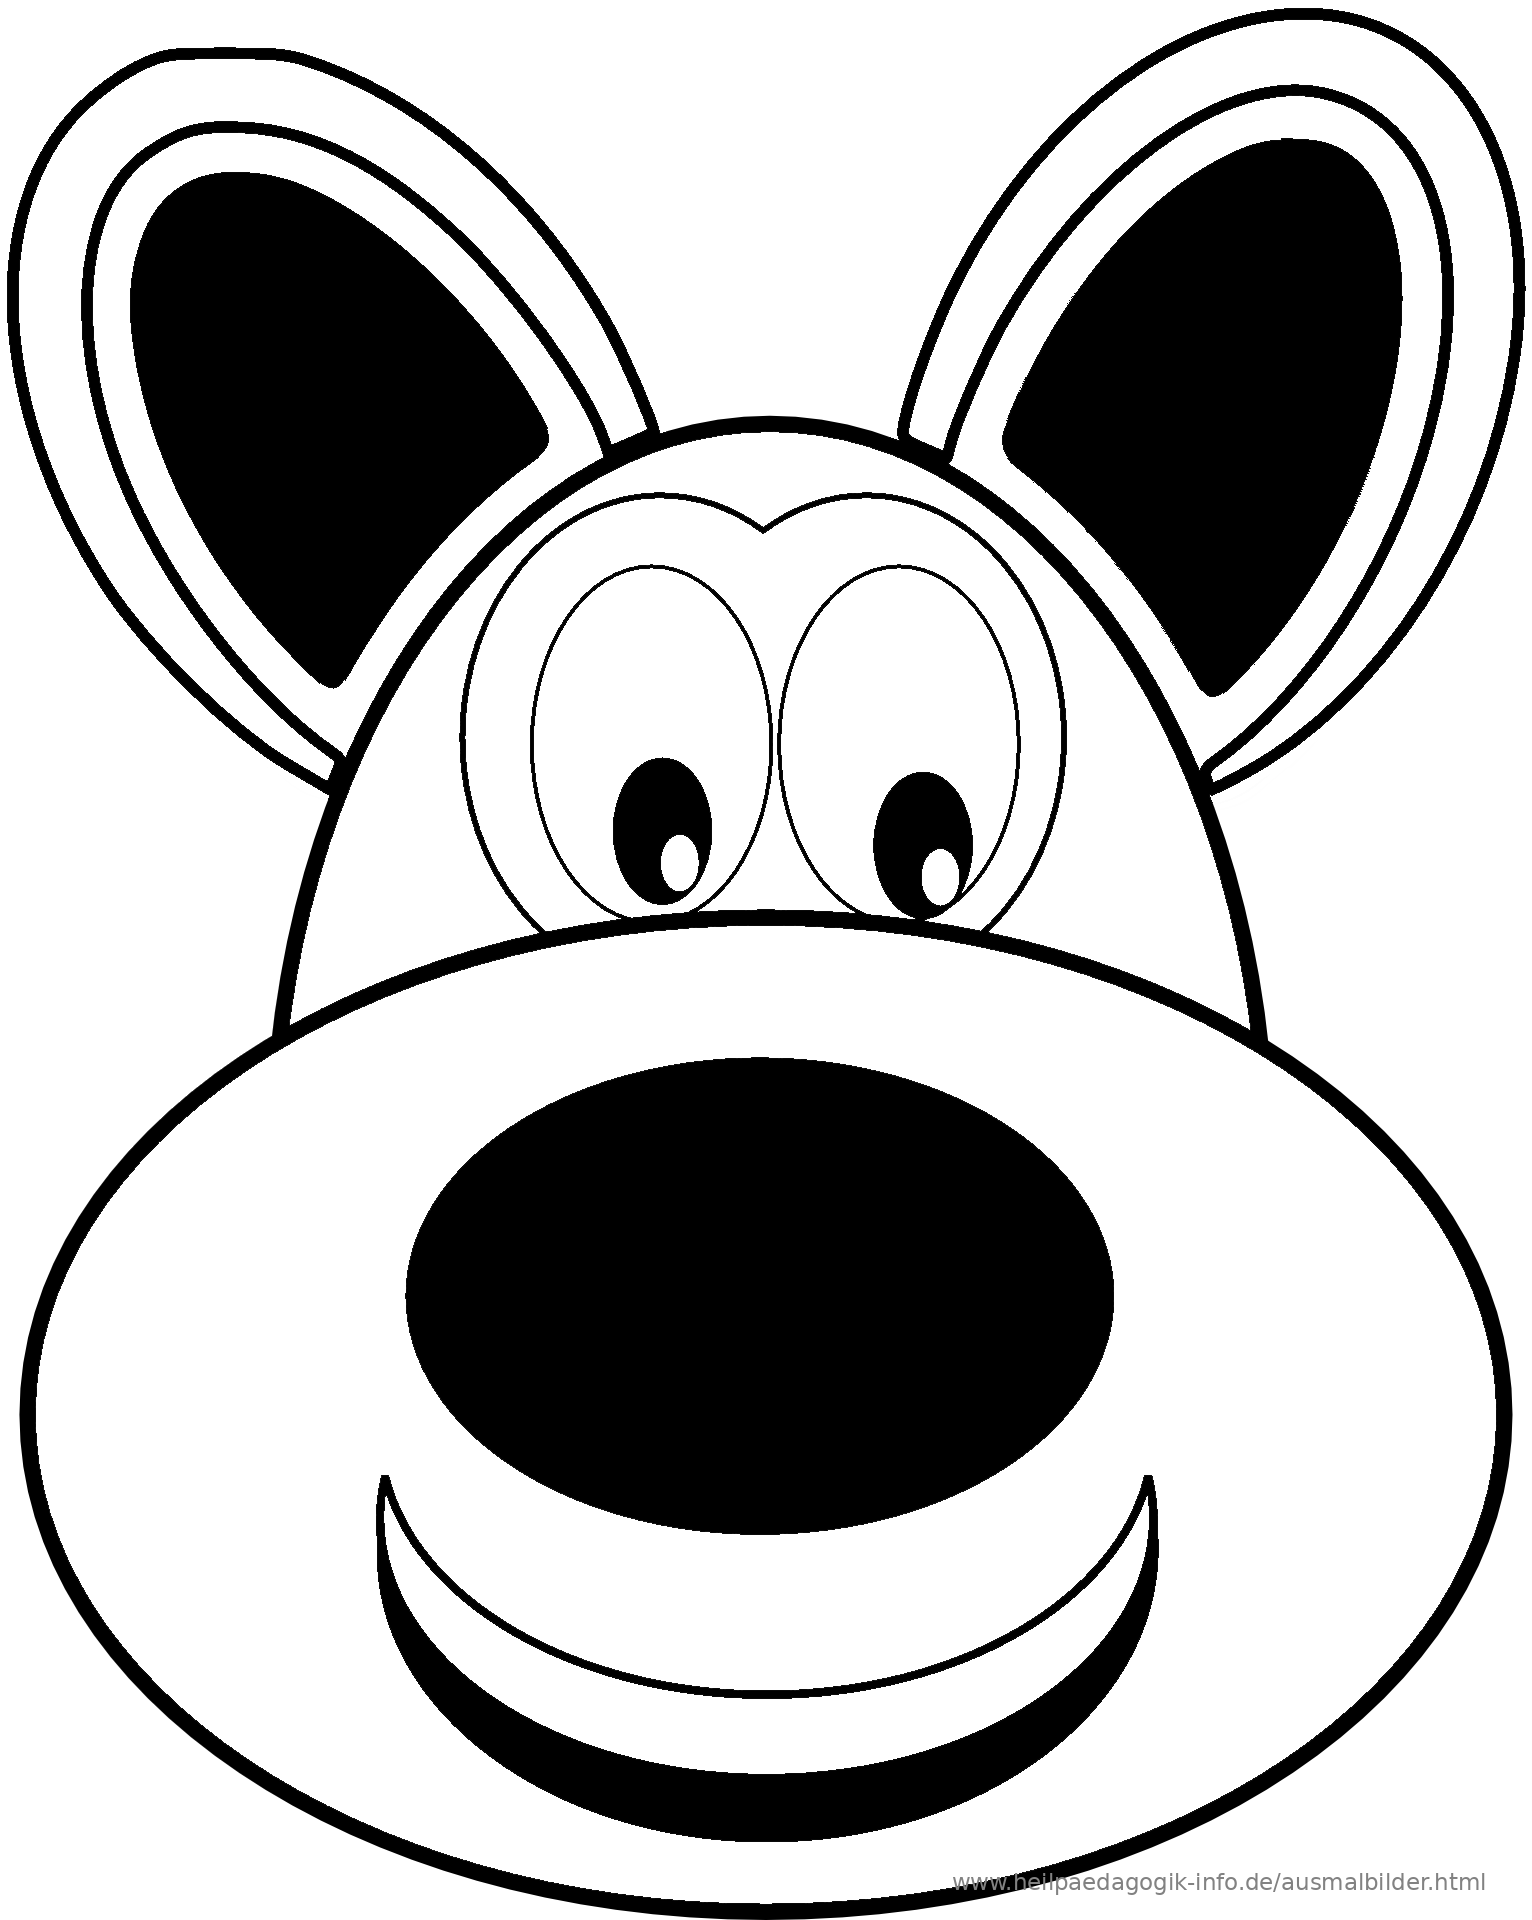 Ausmalbild Hund Als PDF oder PNG anzeigen